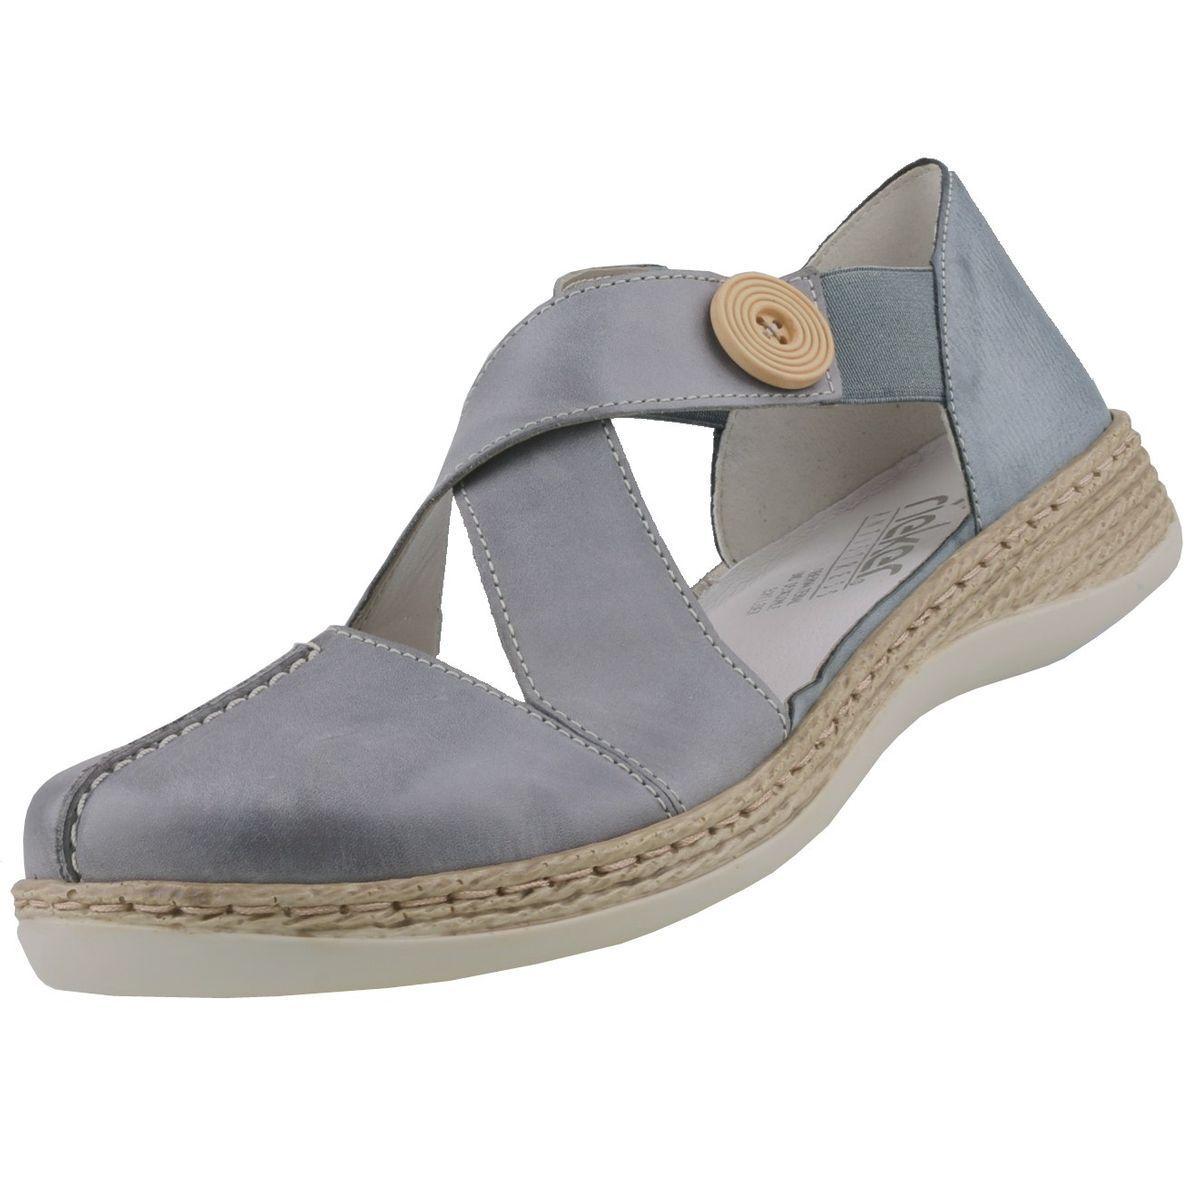 Nouveau RIEKER chaussures femmes chaussures femmes-Sandales Ballerines Cuir Basses Pantoufles